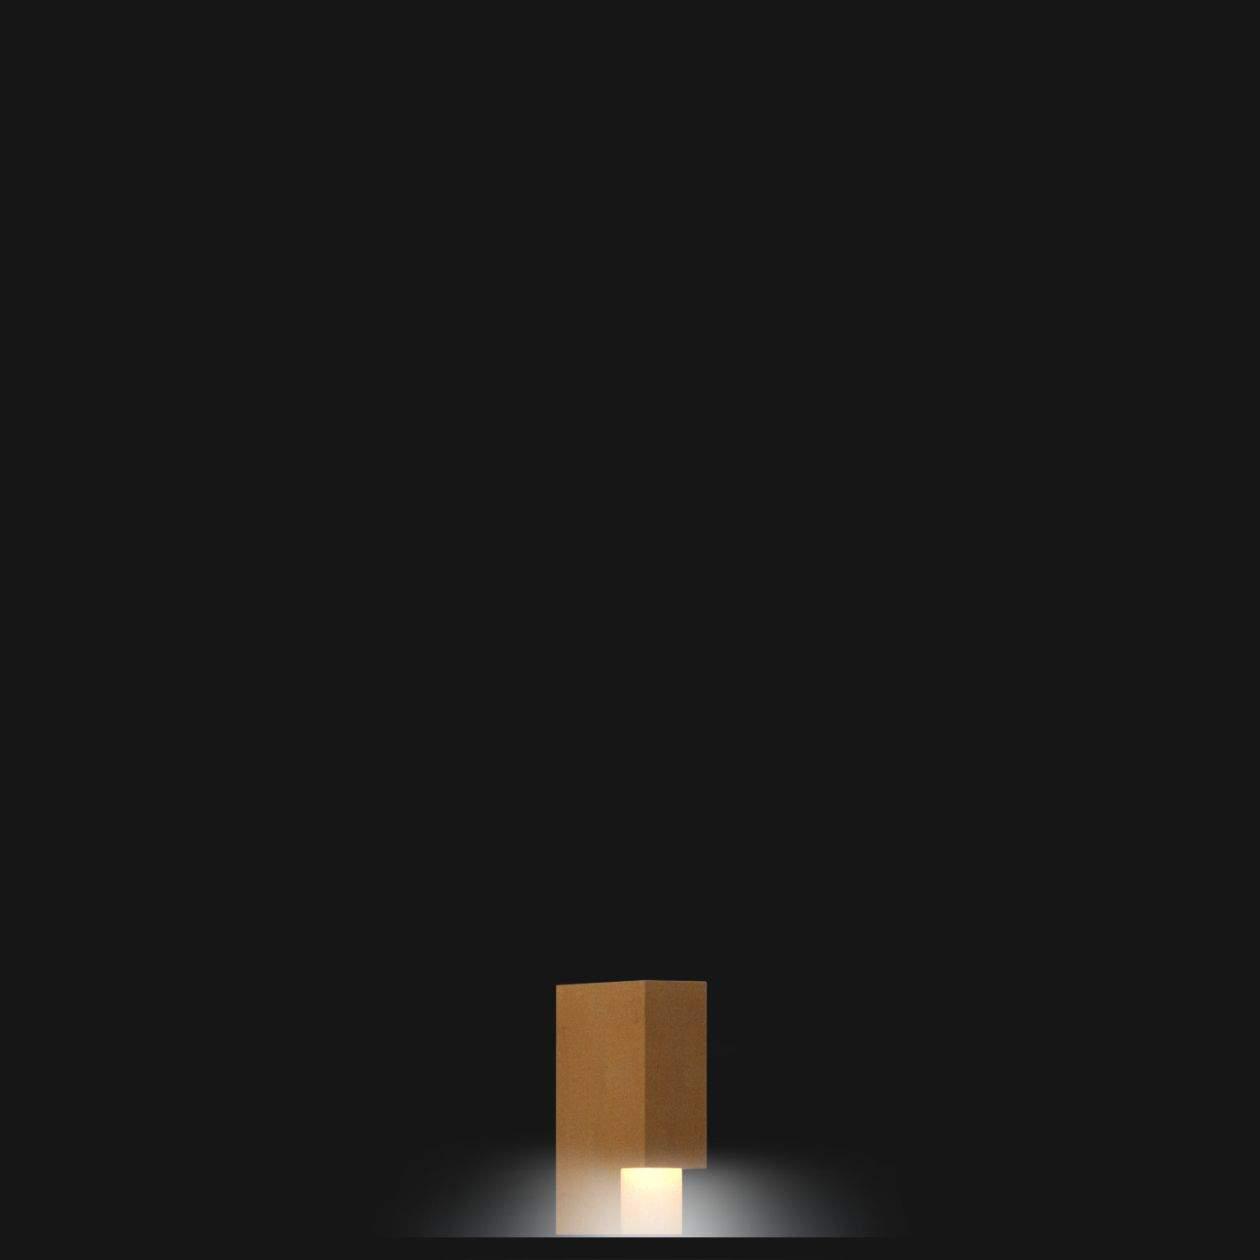 Leuchte Design Aussenleuchte Nano Flash Rost 4